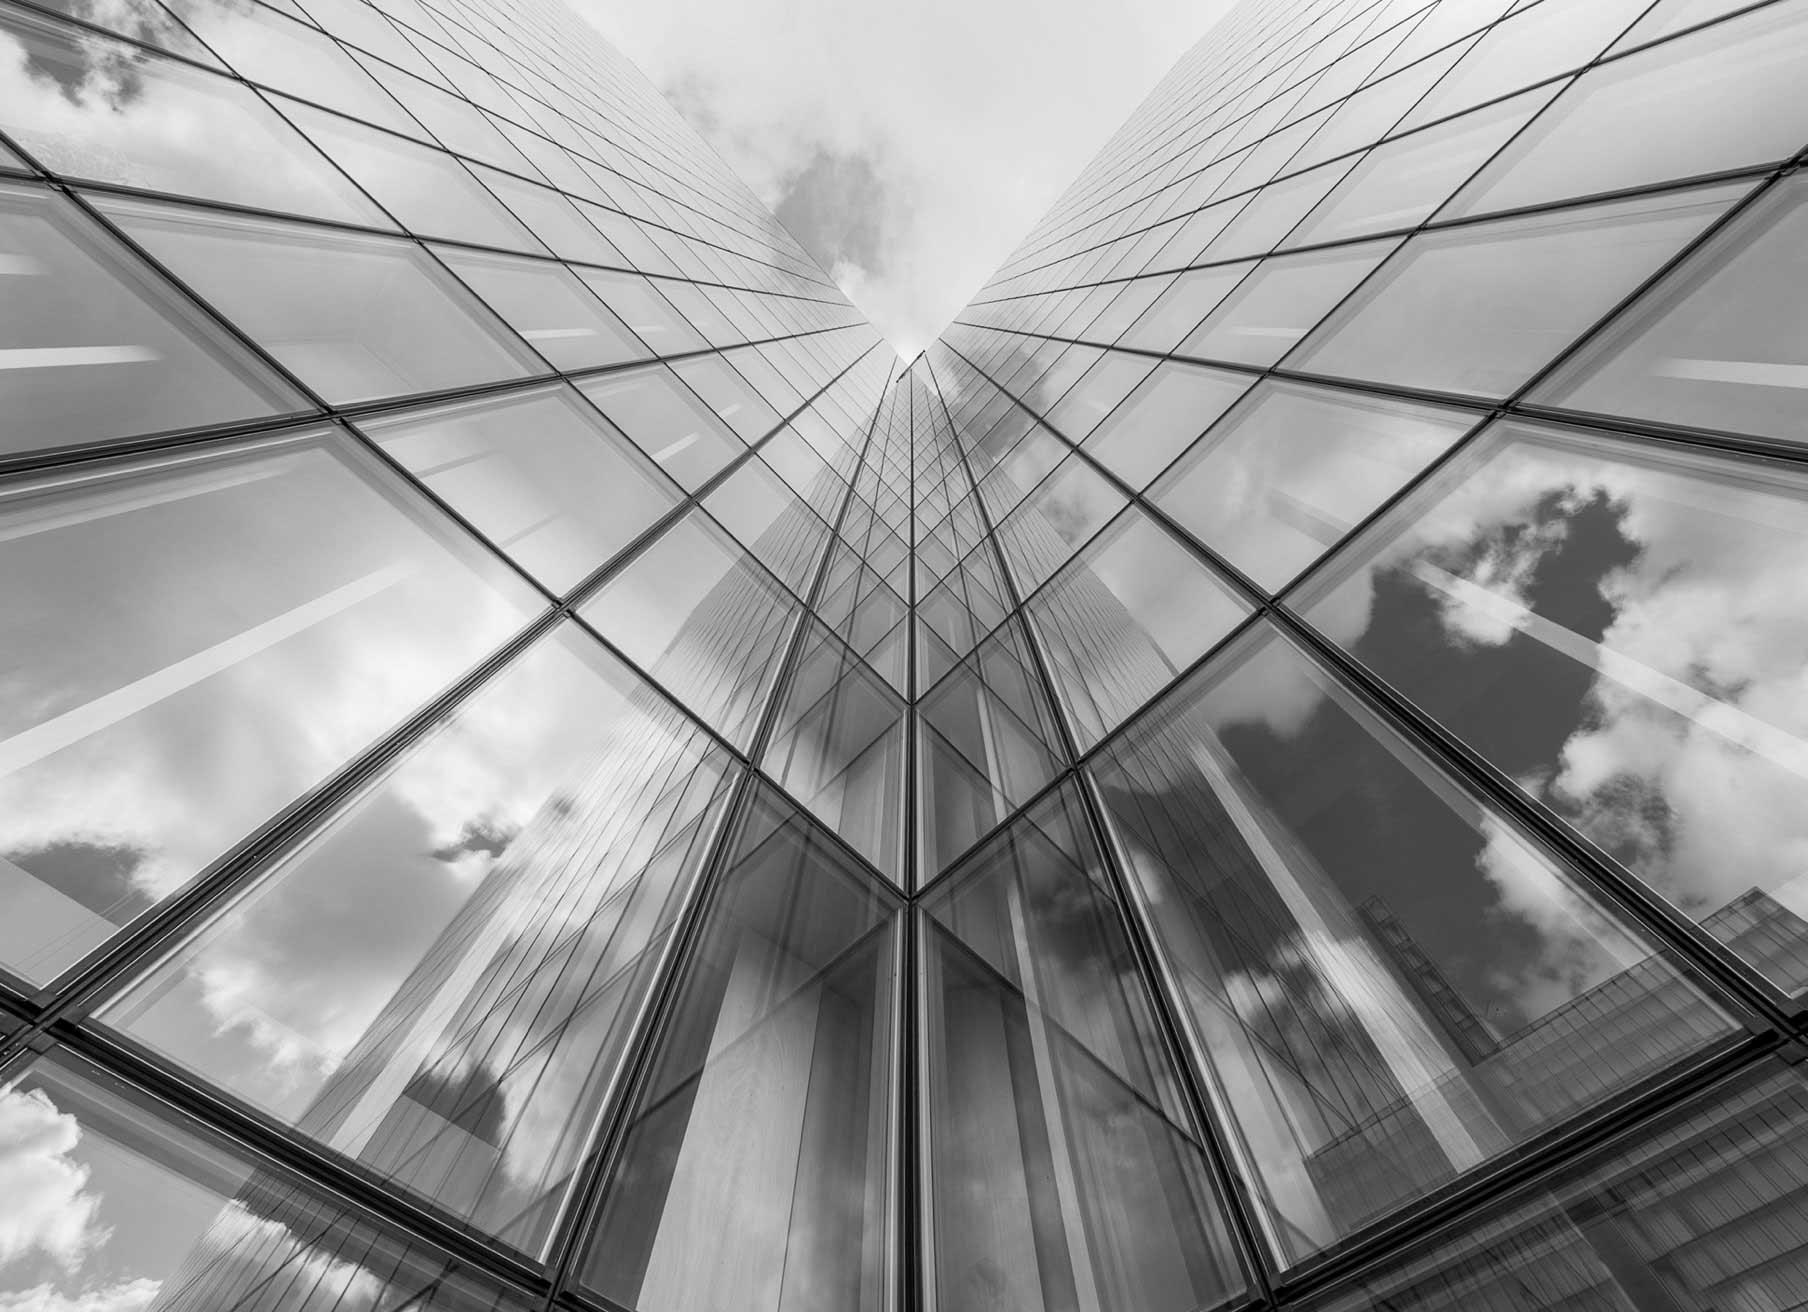 About FAB UK | First Abu Dhabi Bank (FAB) - United Kingdom